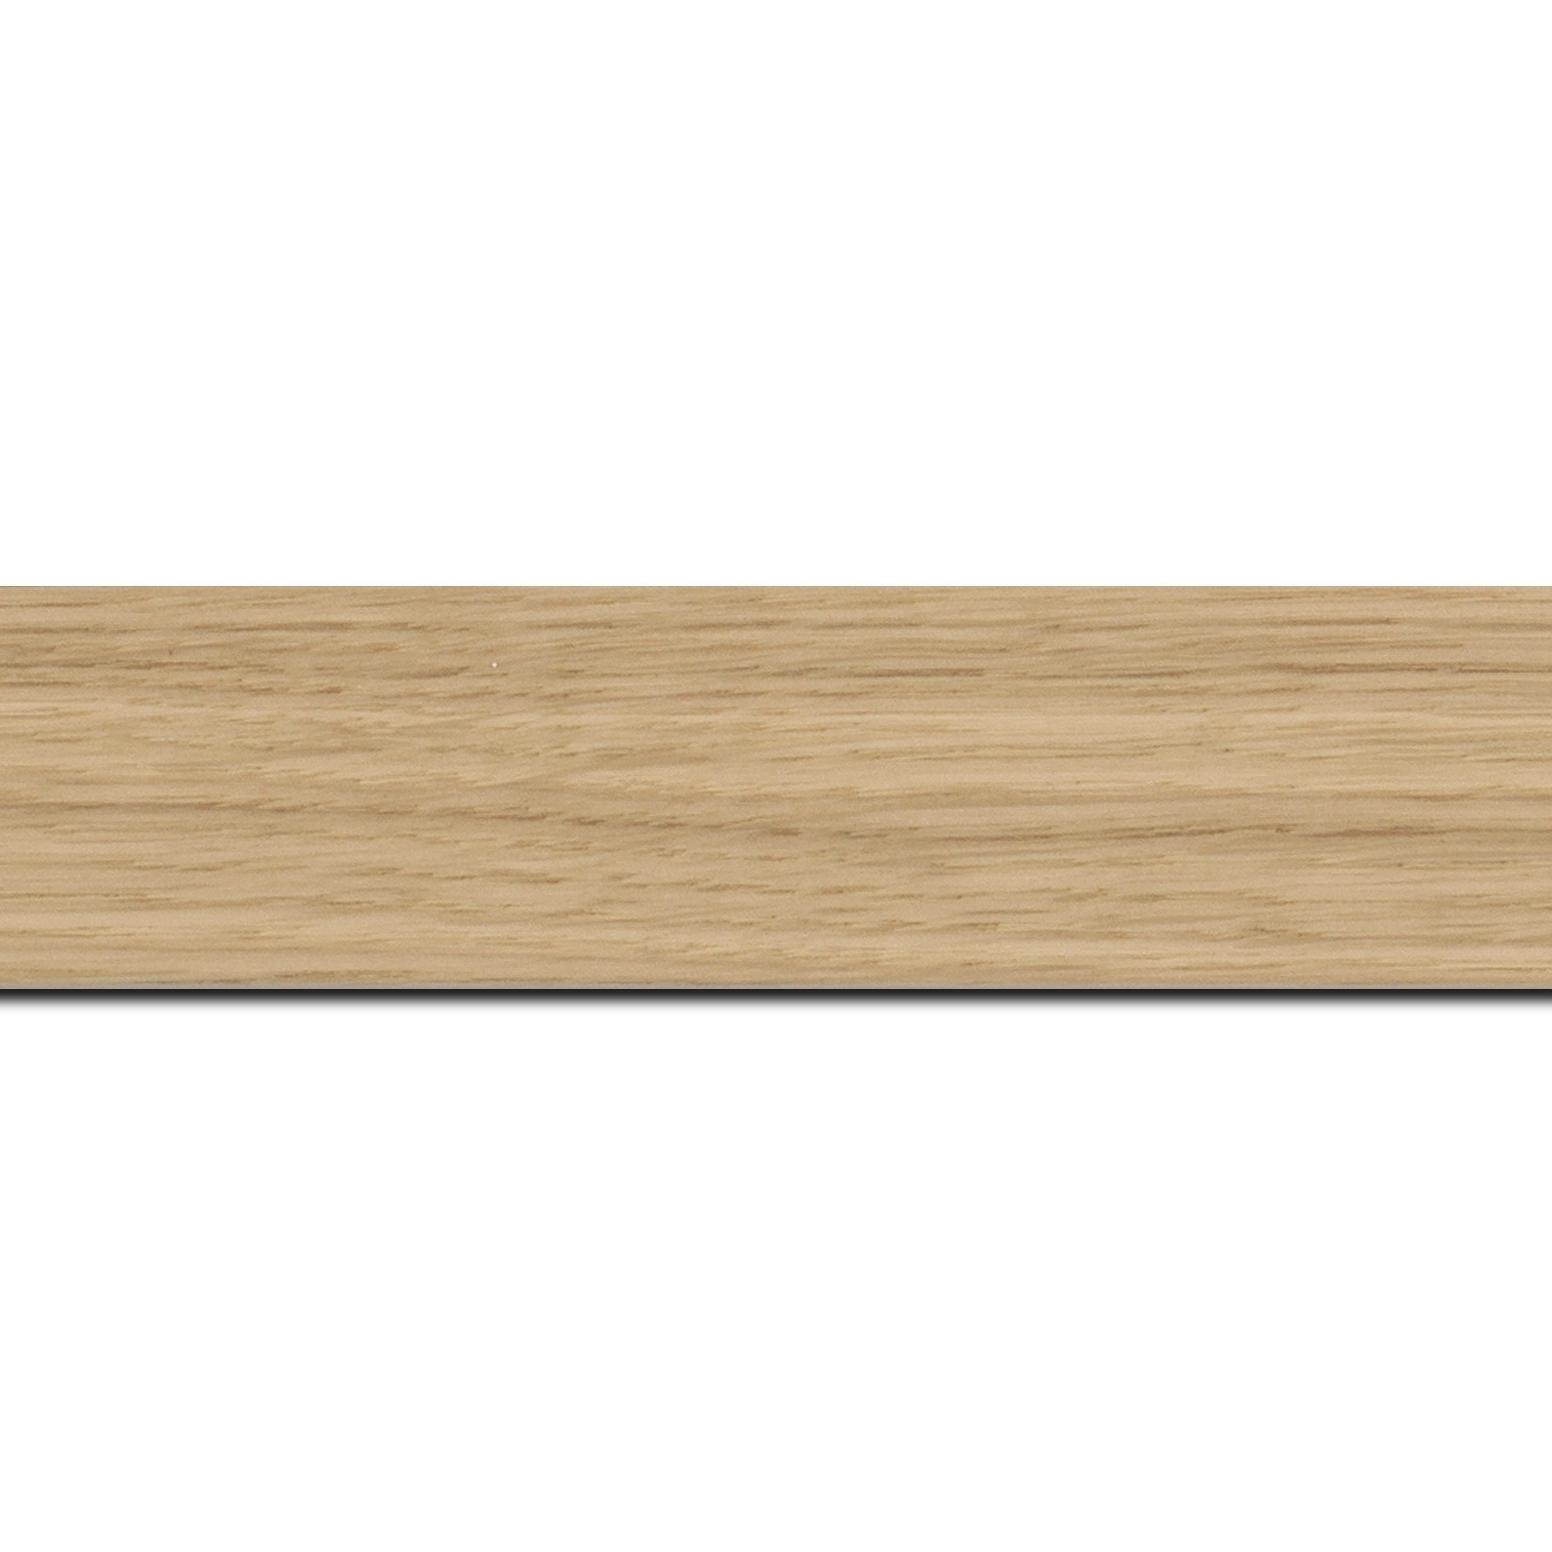 Pack par 12m, bois profil plat largeur 4cm plaquage haut de gamme chêne naturel(longueur baguette pouvant varier entre 2.40m et 3m selon arrivage des bois)